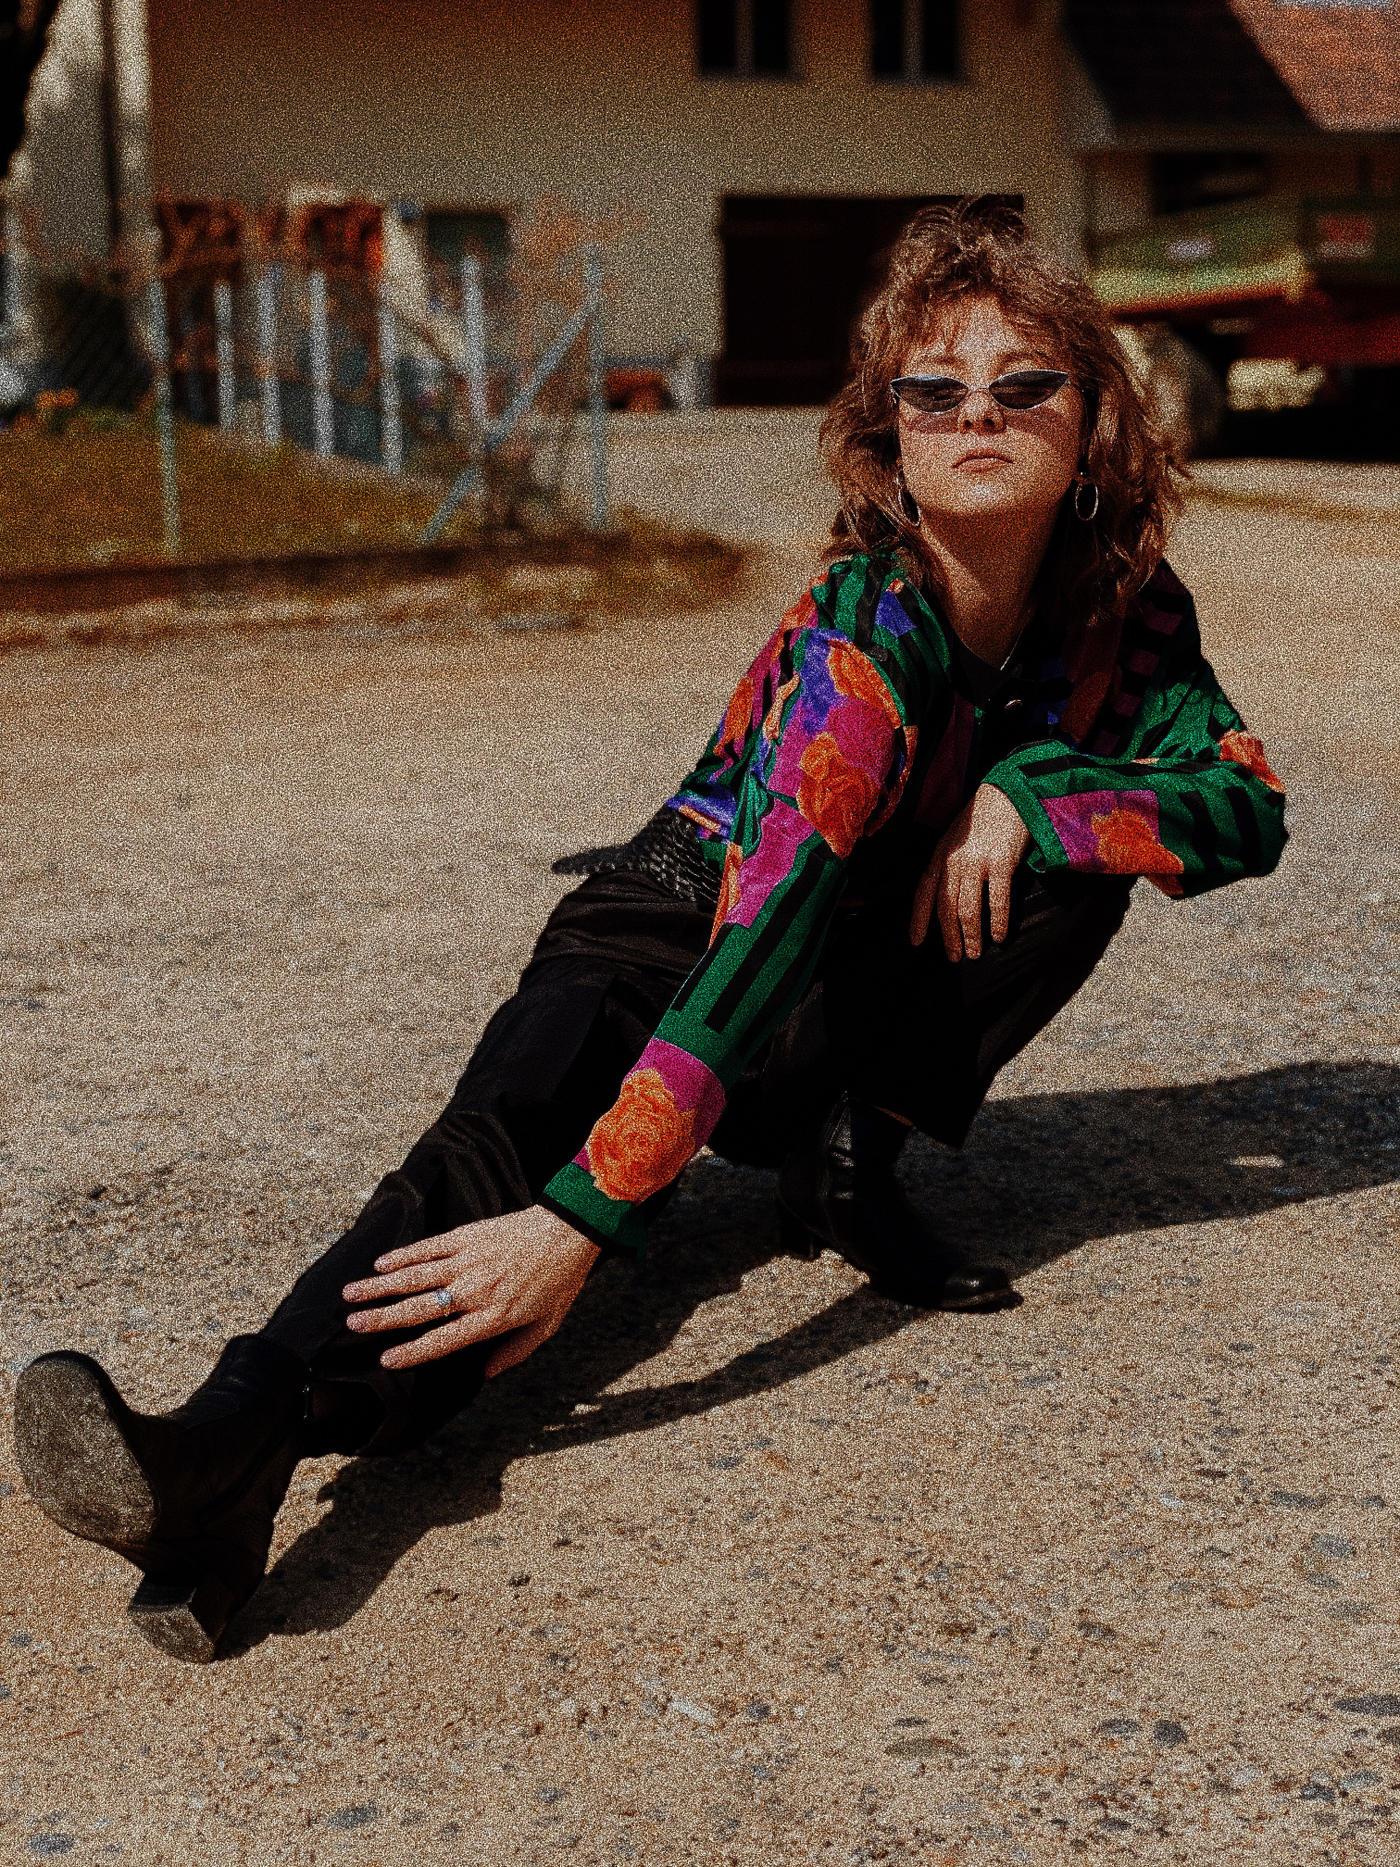 80s-vibes-retro